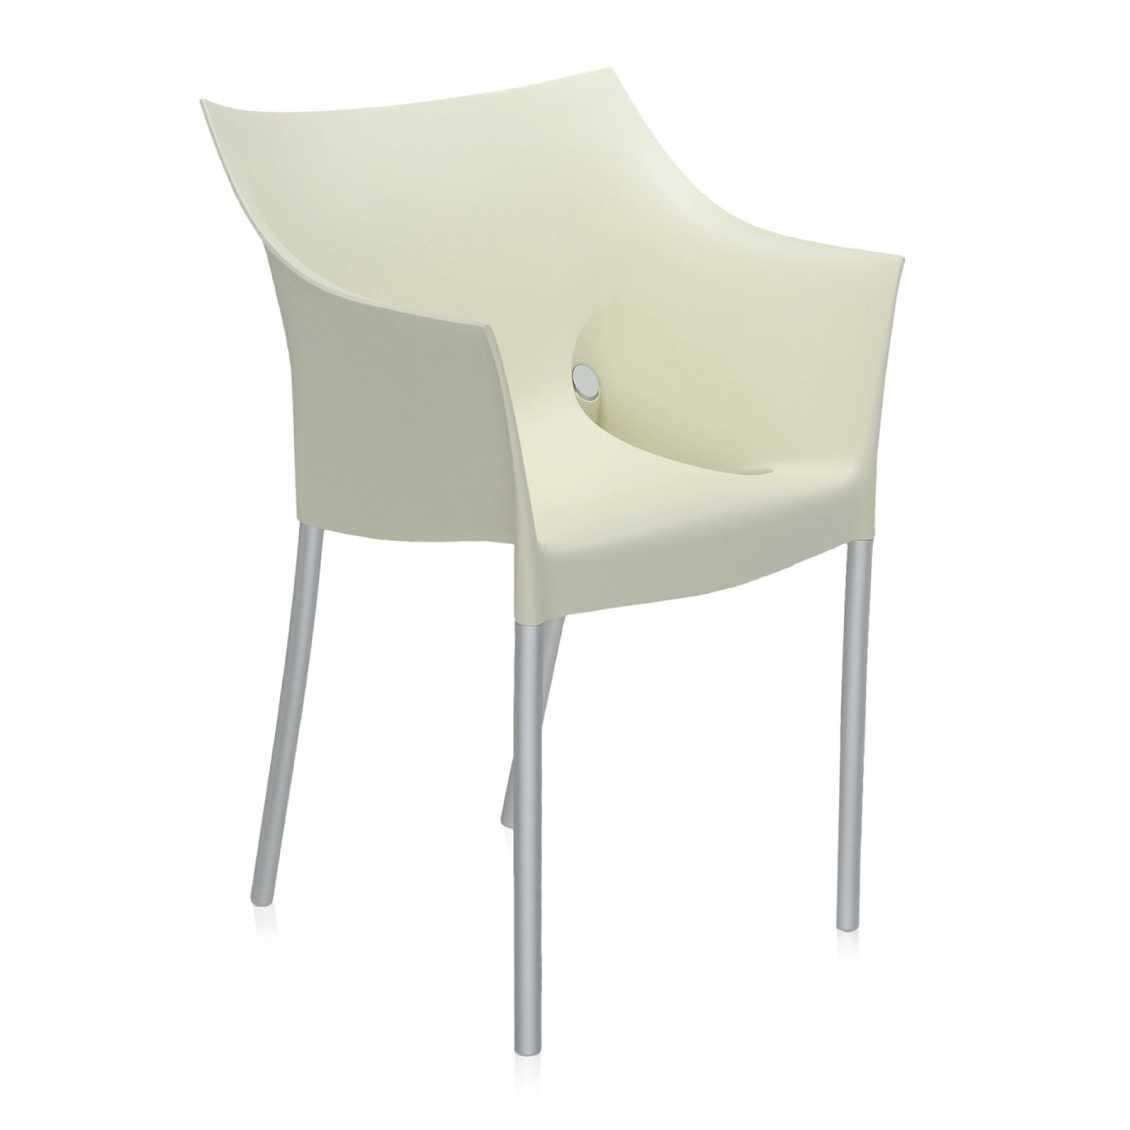 dr-no-stoel-pale-groen-kartell_1